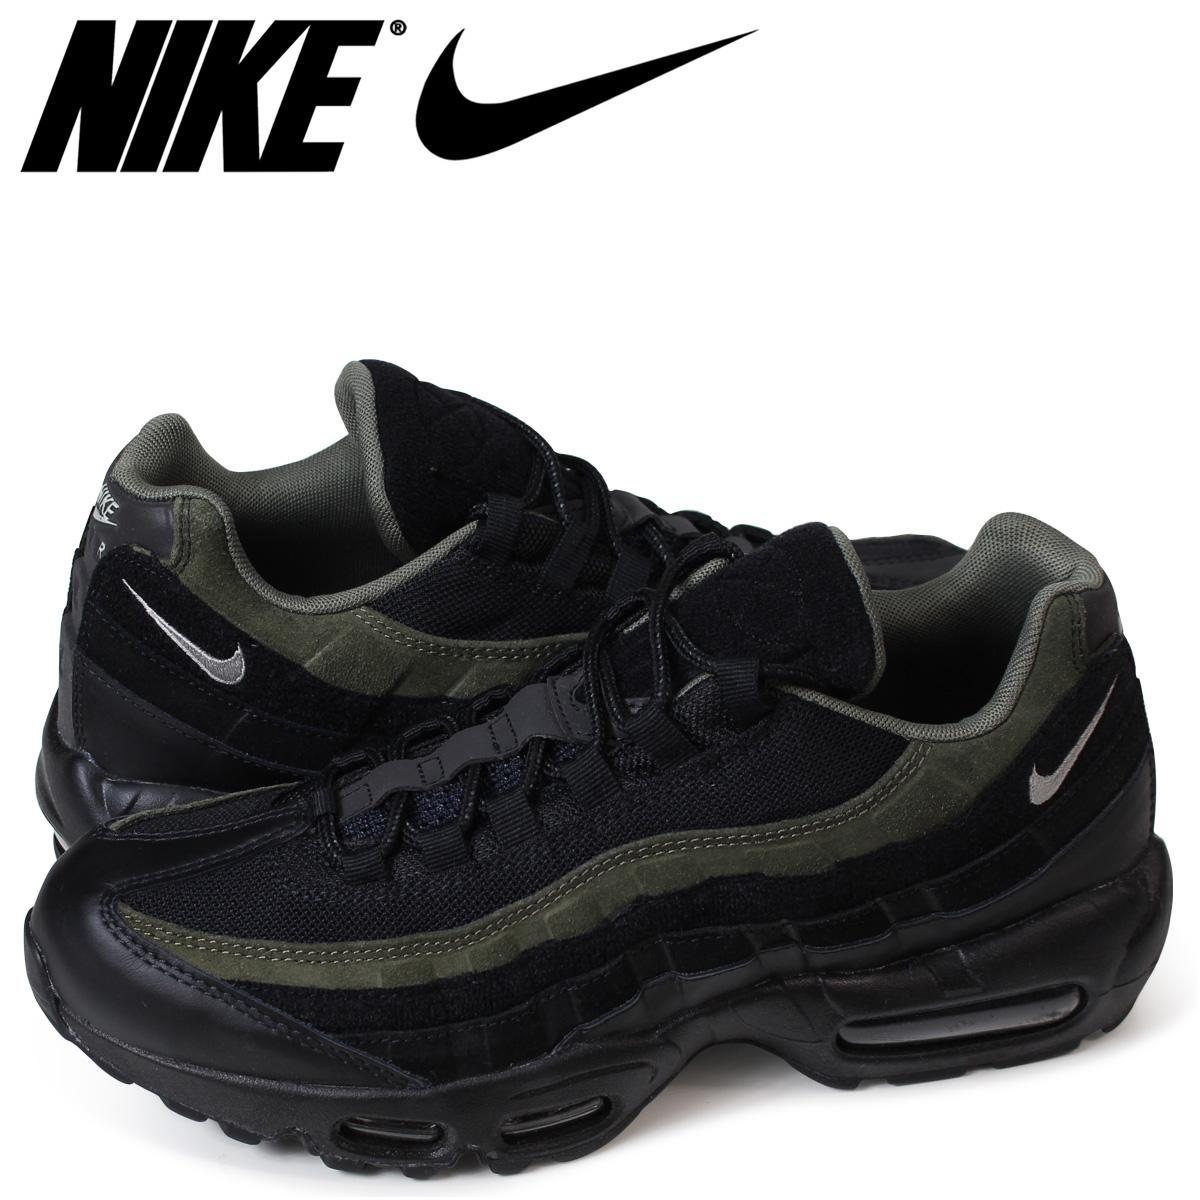 NIKE AIR MAX 95 HAL Kie Ney AMAX 95 sneakers men AH8444 001 black